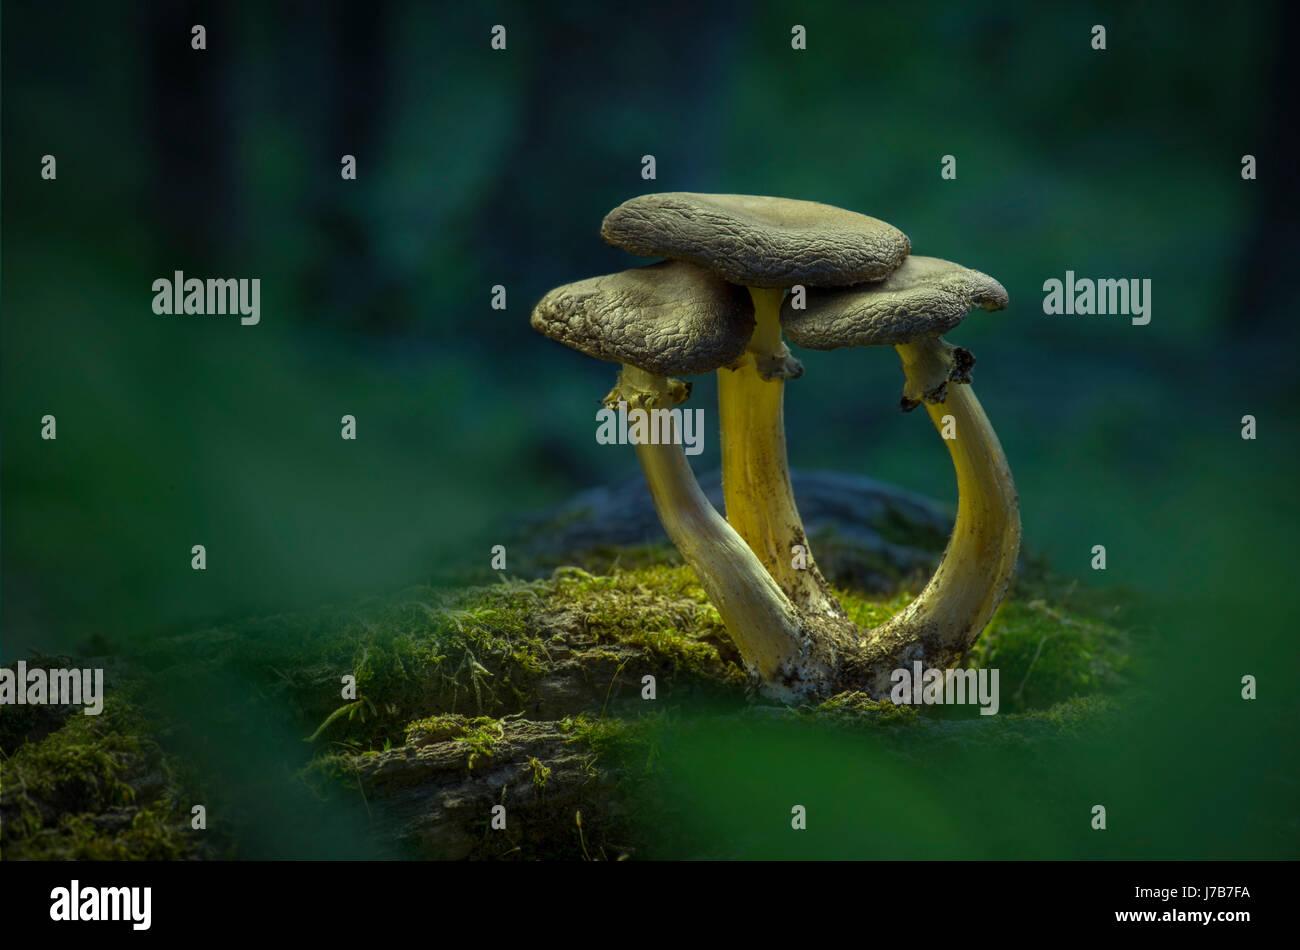 Tre i funghi sul pavimento della foresta Immagini Stock